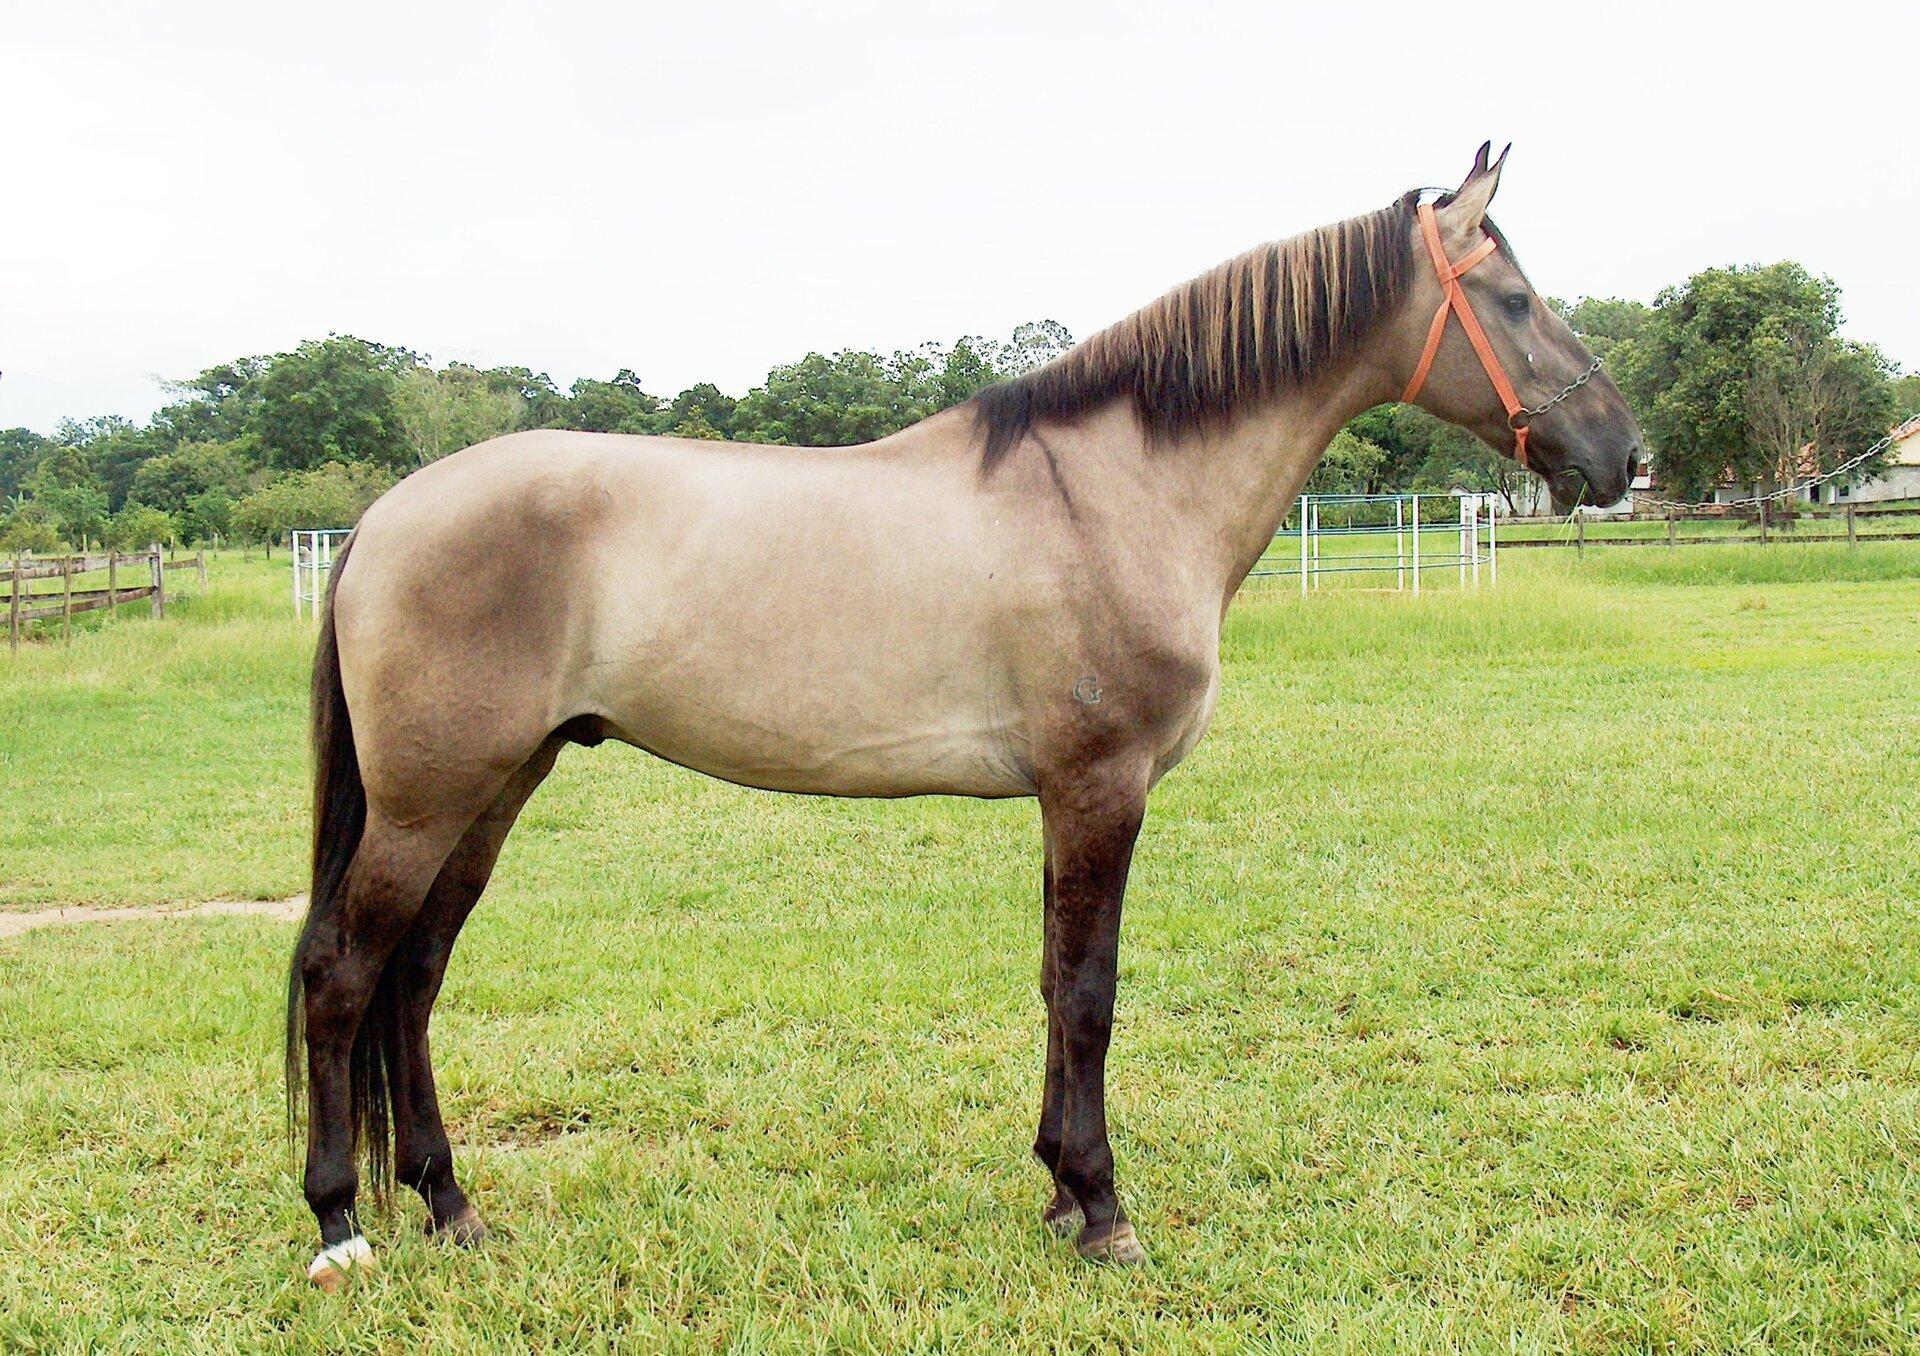 Koń bułany Koń bułany Źródło: Amazona01, licencja: CC BY-SA 3.0.